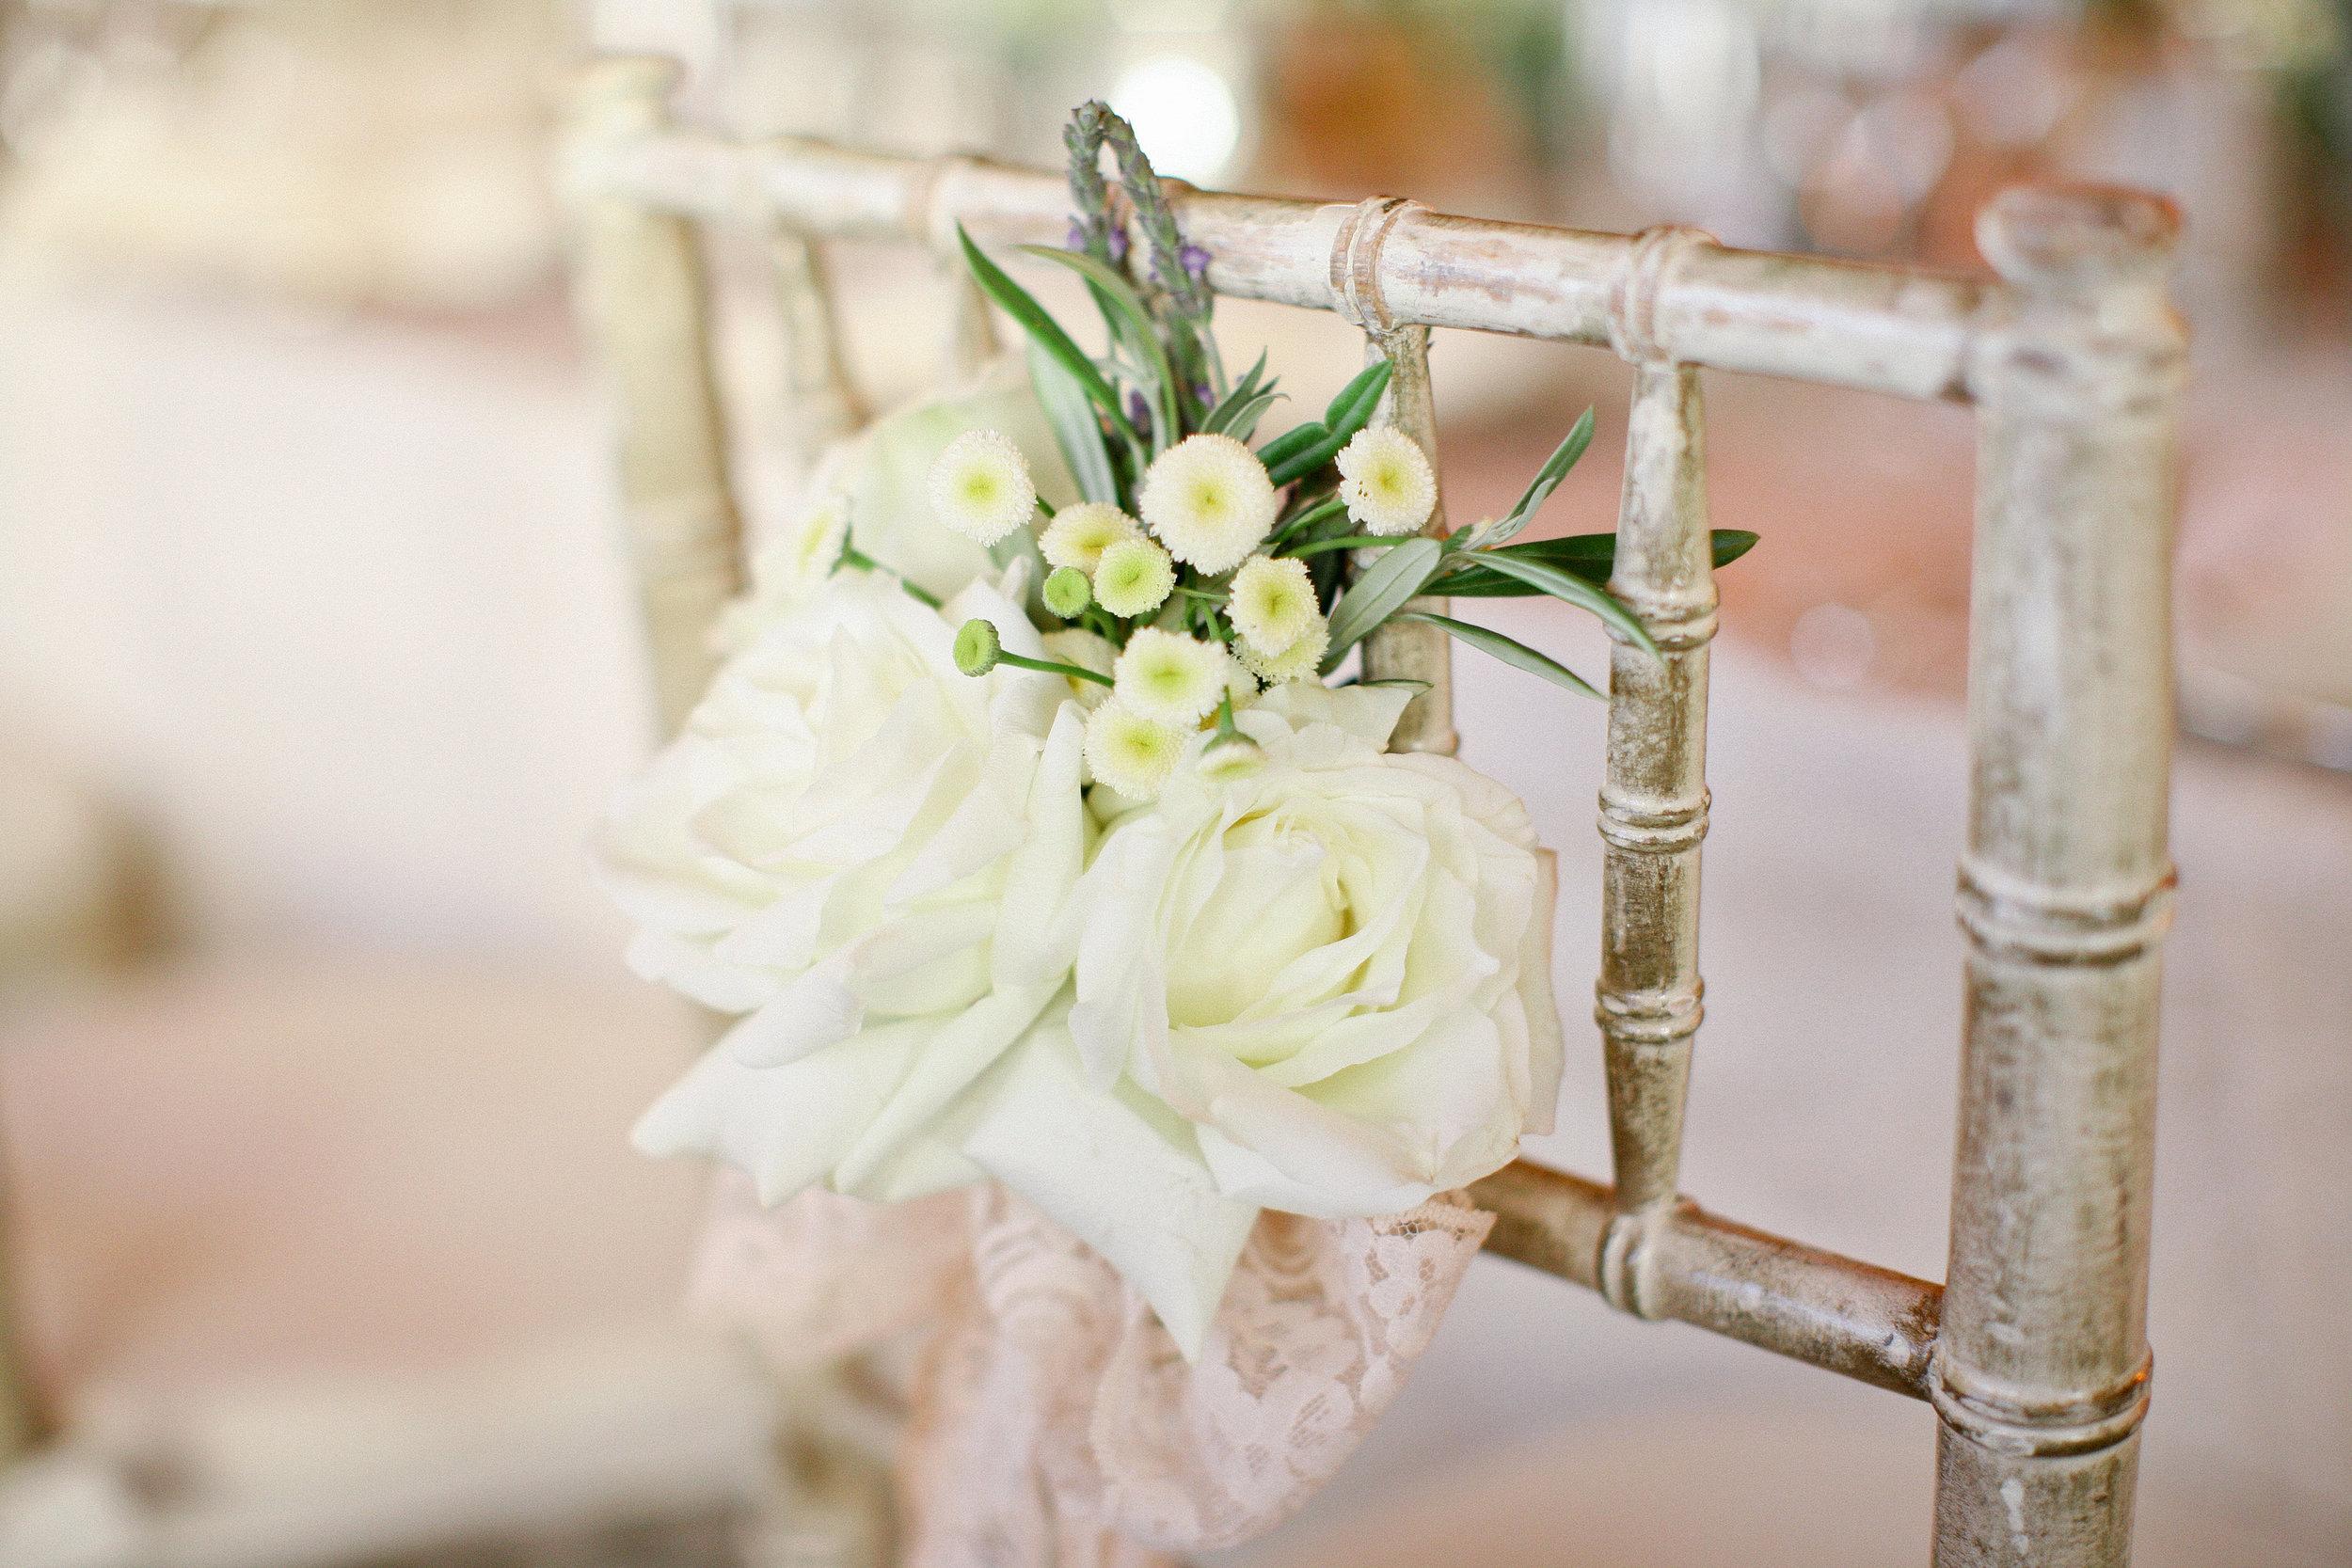 Carma's Wedding for Annette-0116.jpg